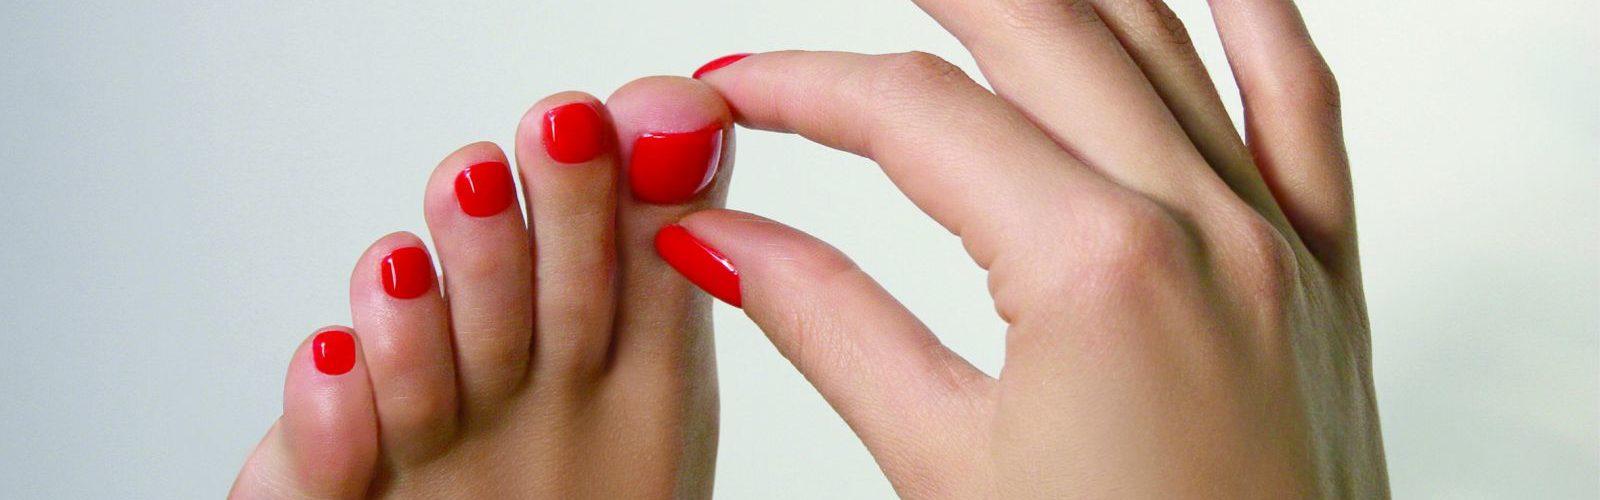 Уход за ногами в салоне красоты «Афродита»: педикюр и комплексный уход за стопами ног